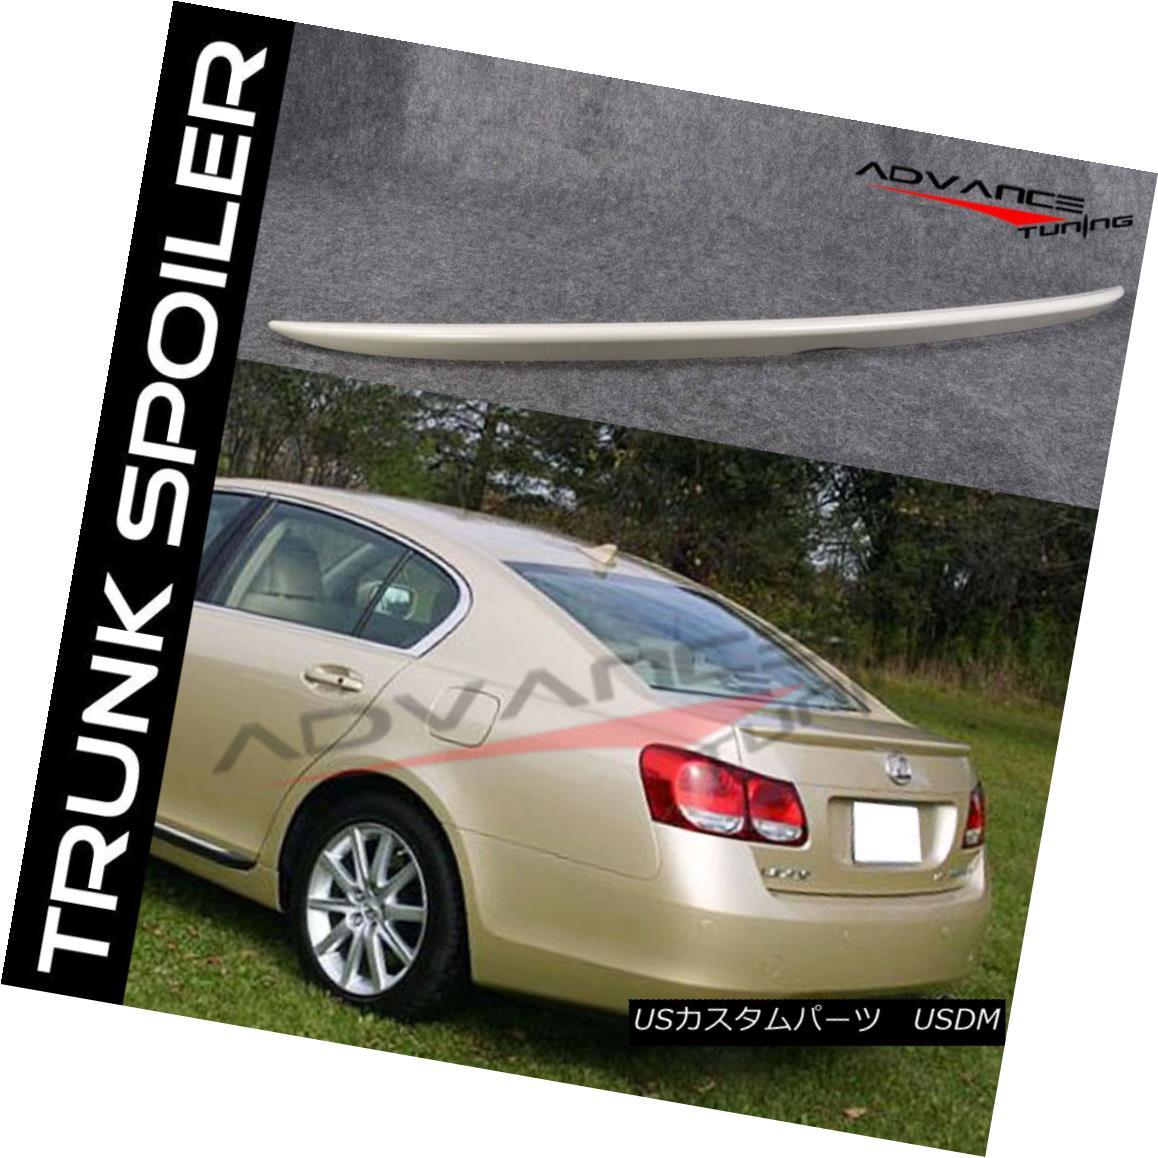 エアロパーツ Fits 06-11 Lexus GS350 GS450 OE Style Trunk Spoiler - ABS フィット6月11日レクサスGS350 GS450 OEスタイルのトランクスポイラー - ABS